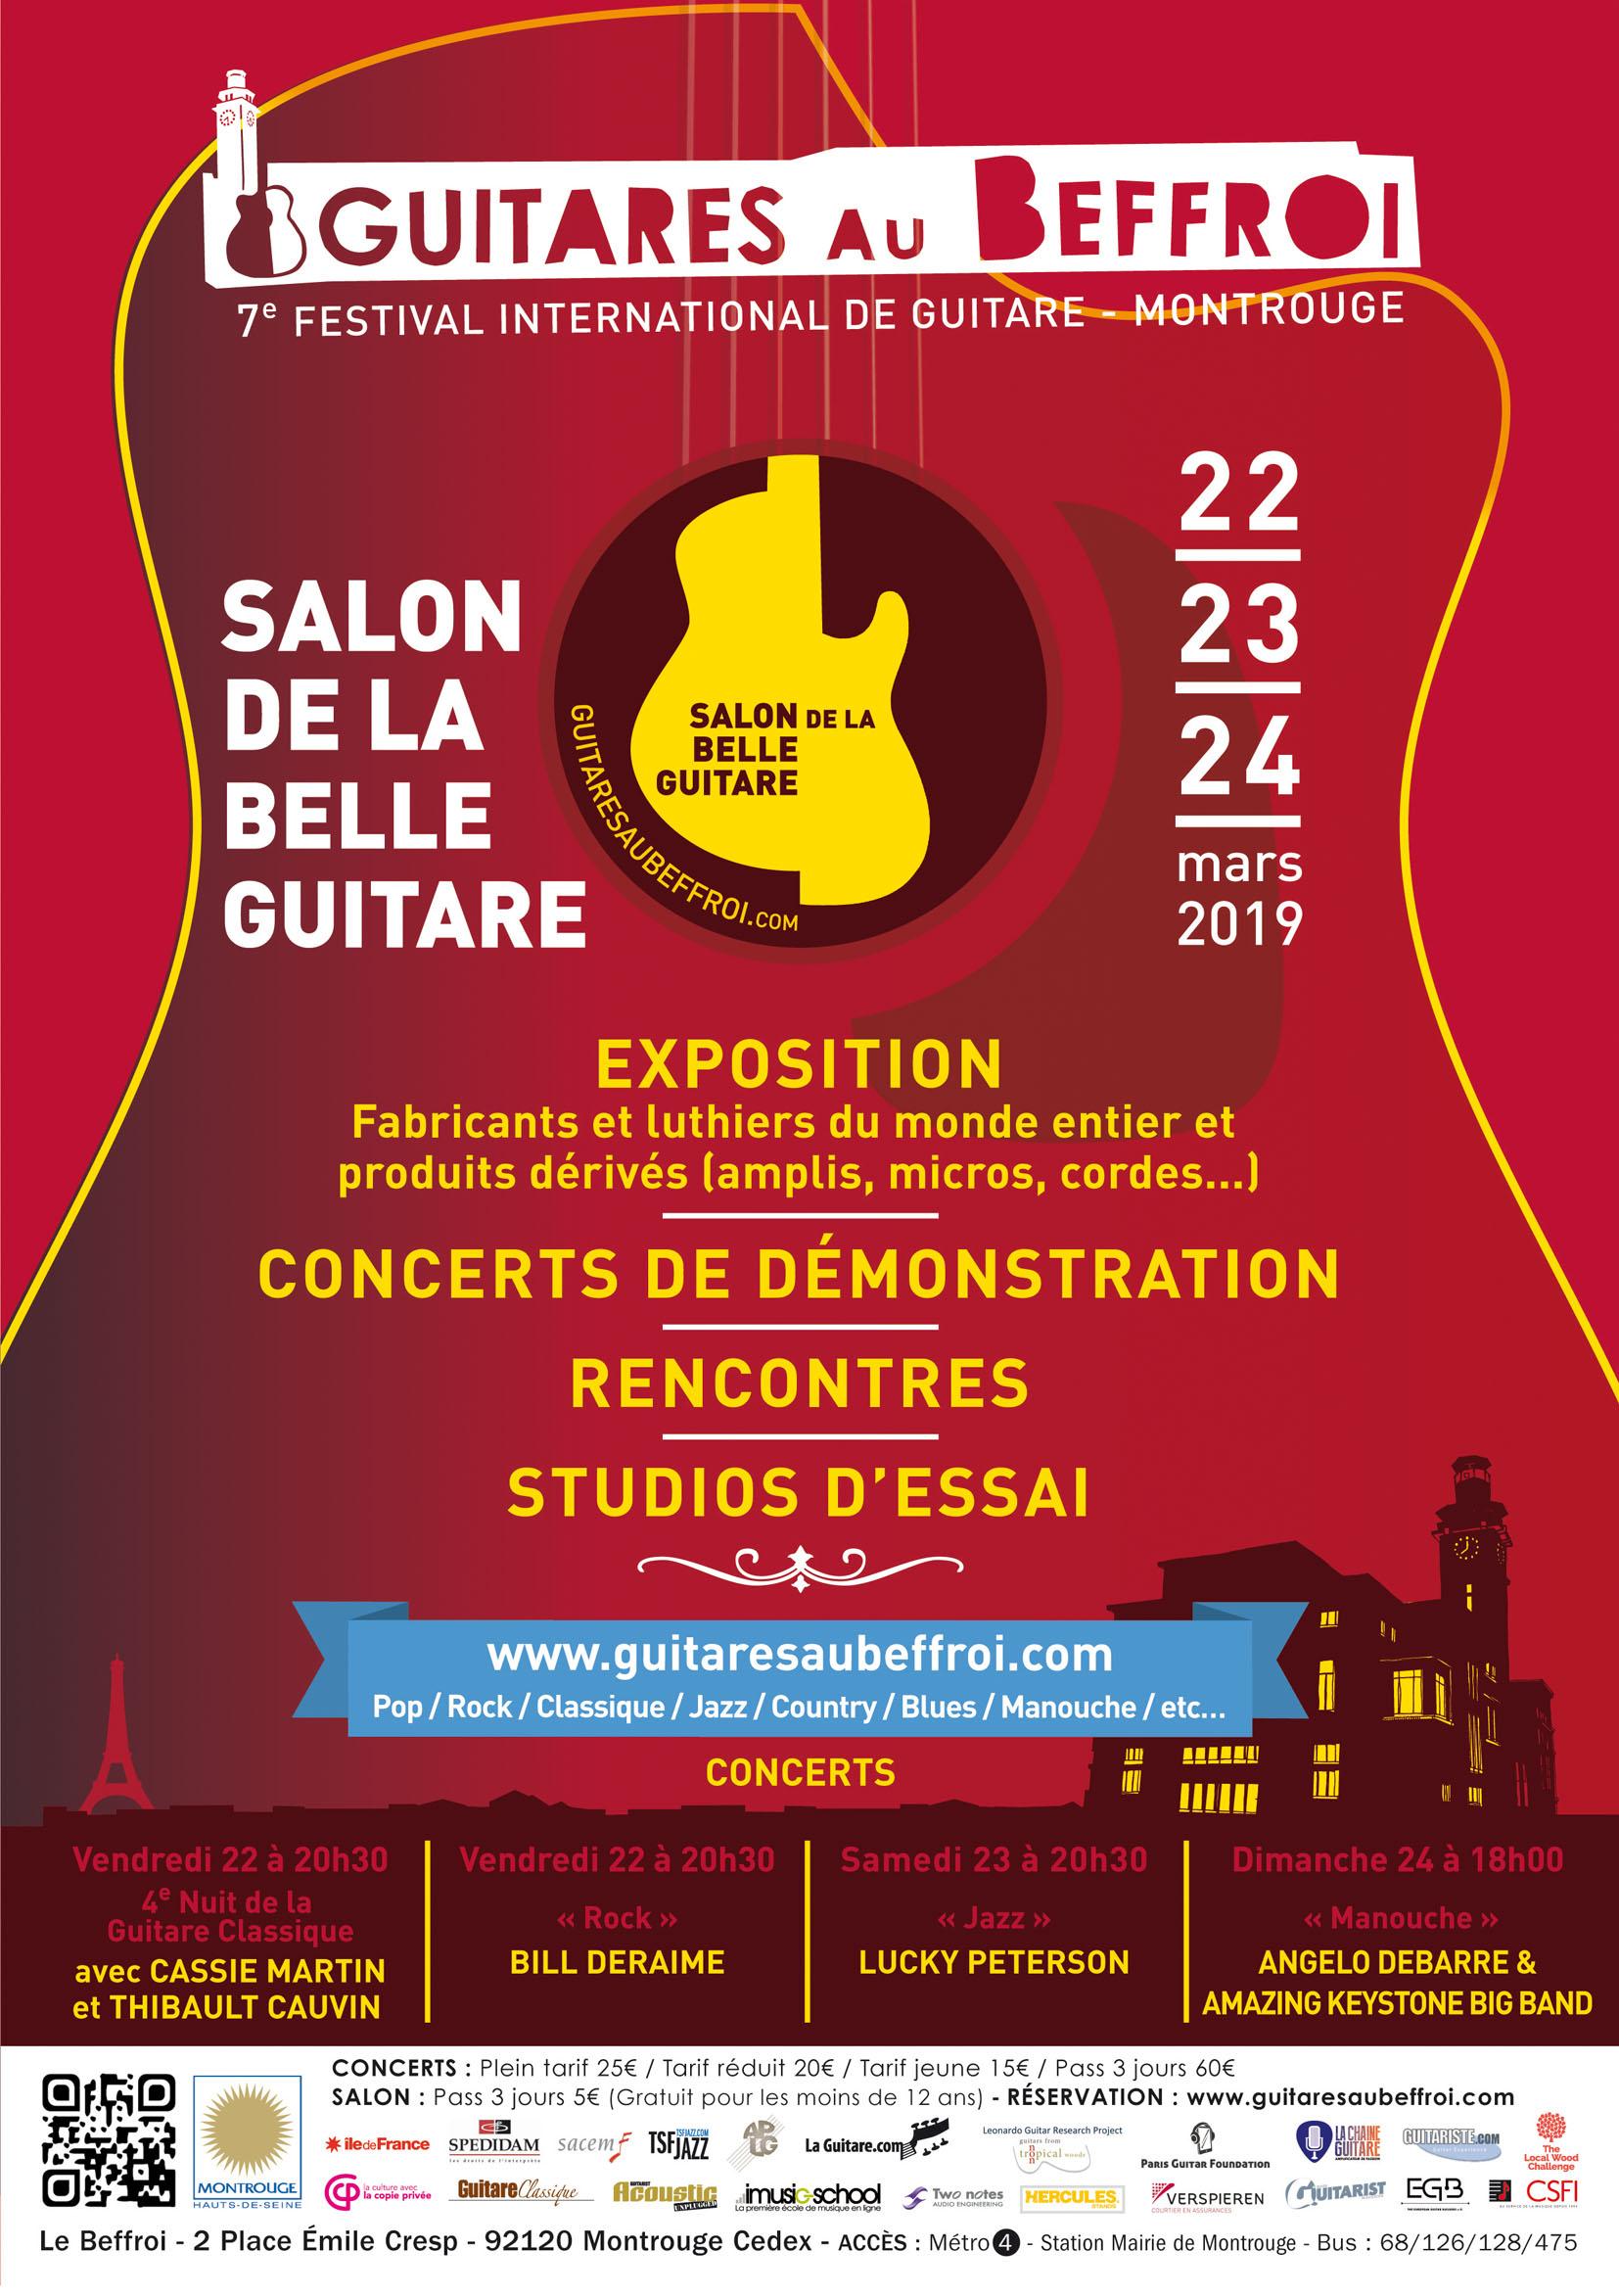 L'ITEMM au Salon de la Belle Guitare du 22 au 24 mars